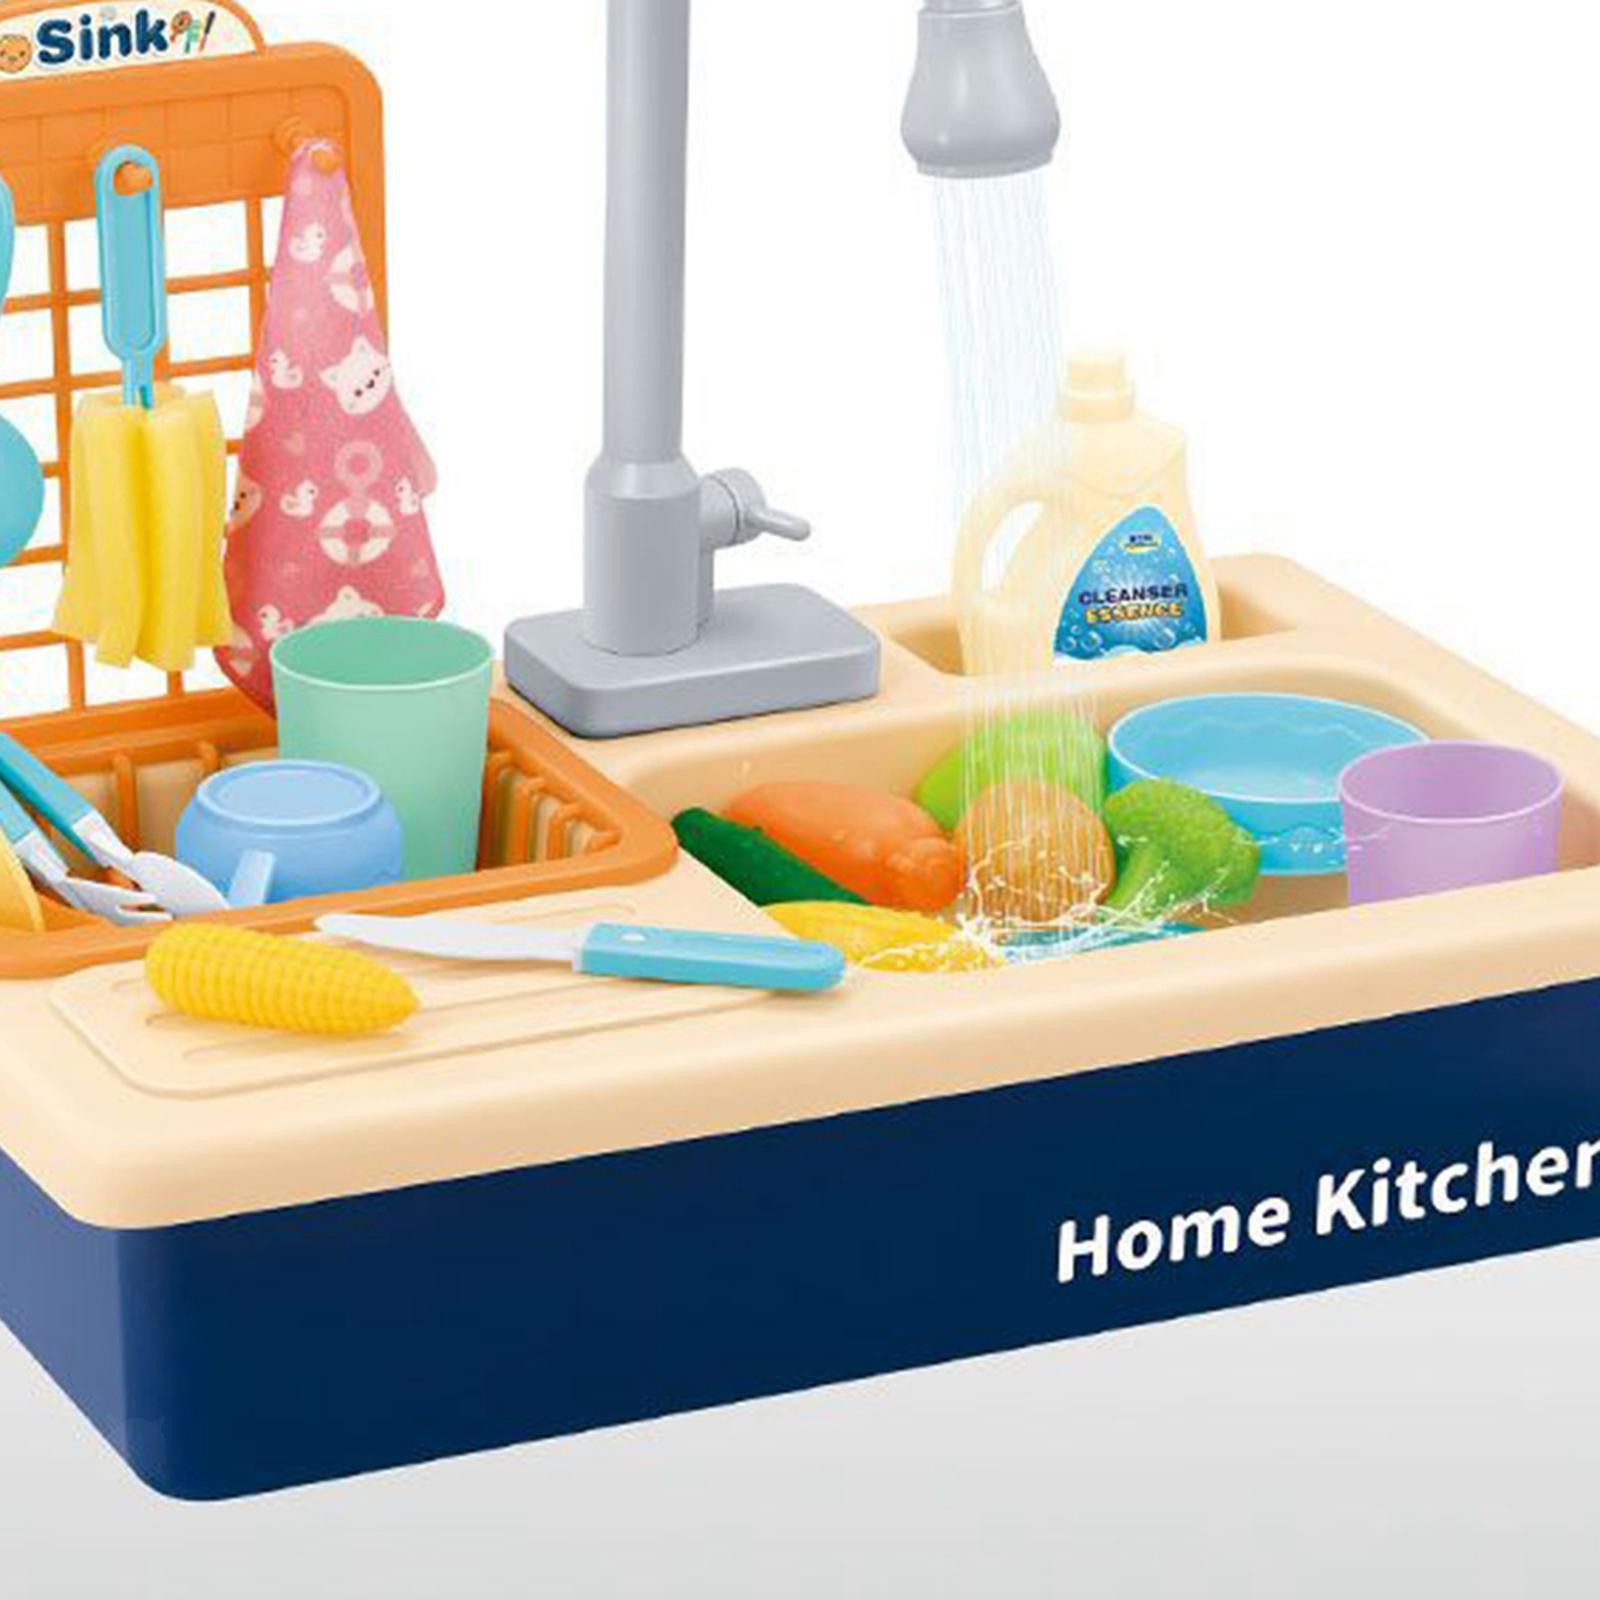 Indexbild 6 - Kinder-Kueche-Spielen-Waschbecken-Spielzeug-Automatische-Wasser-Zyklus-System